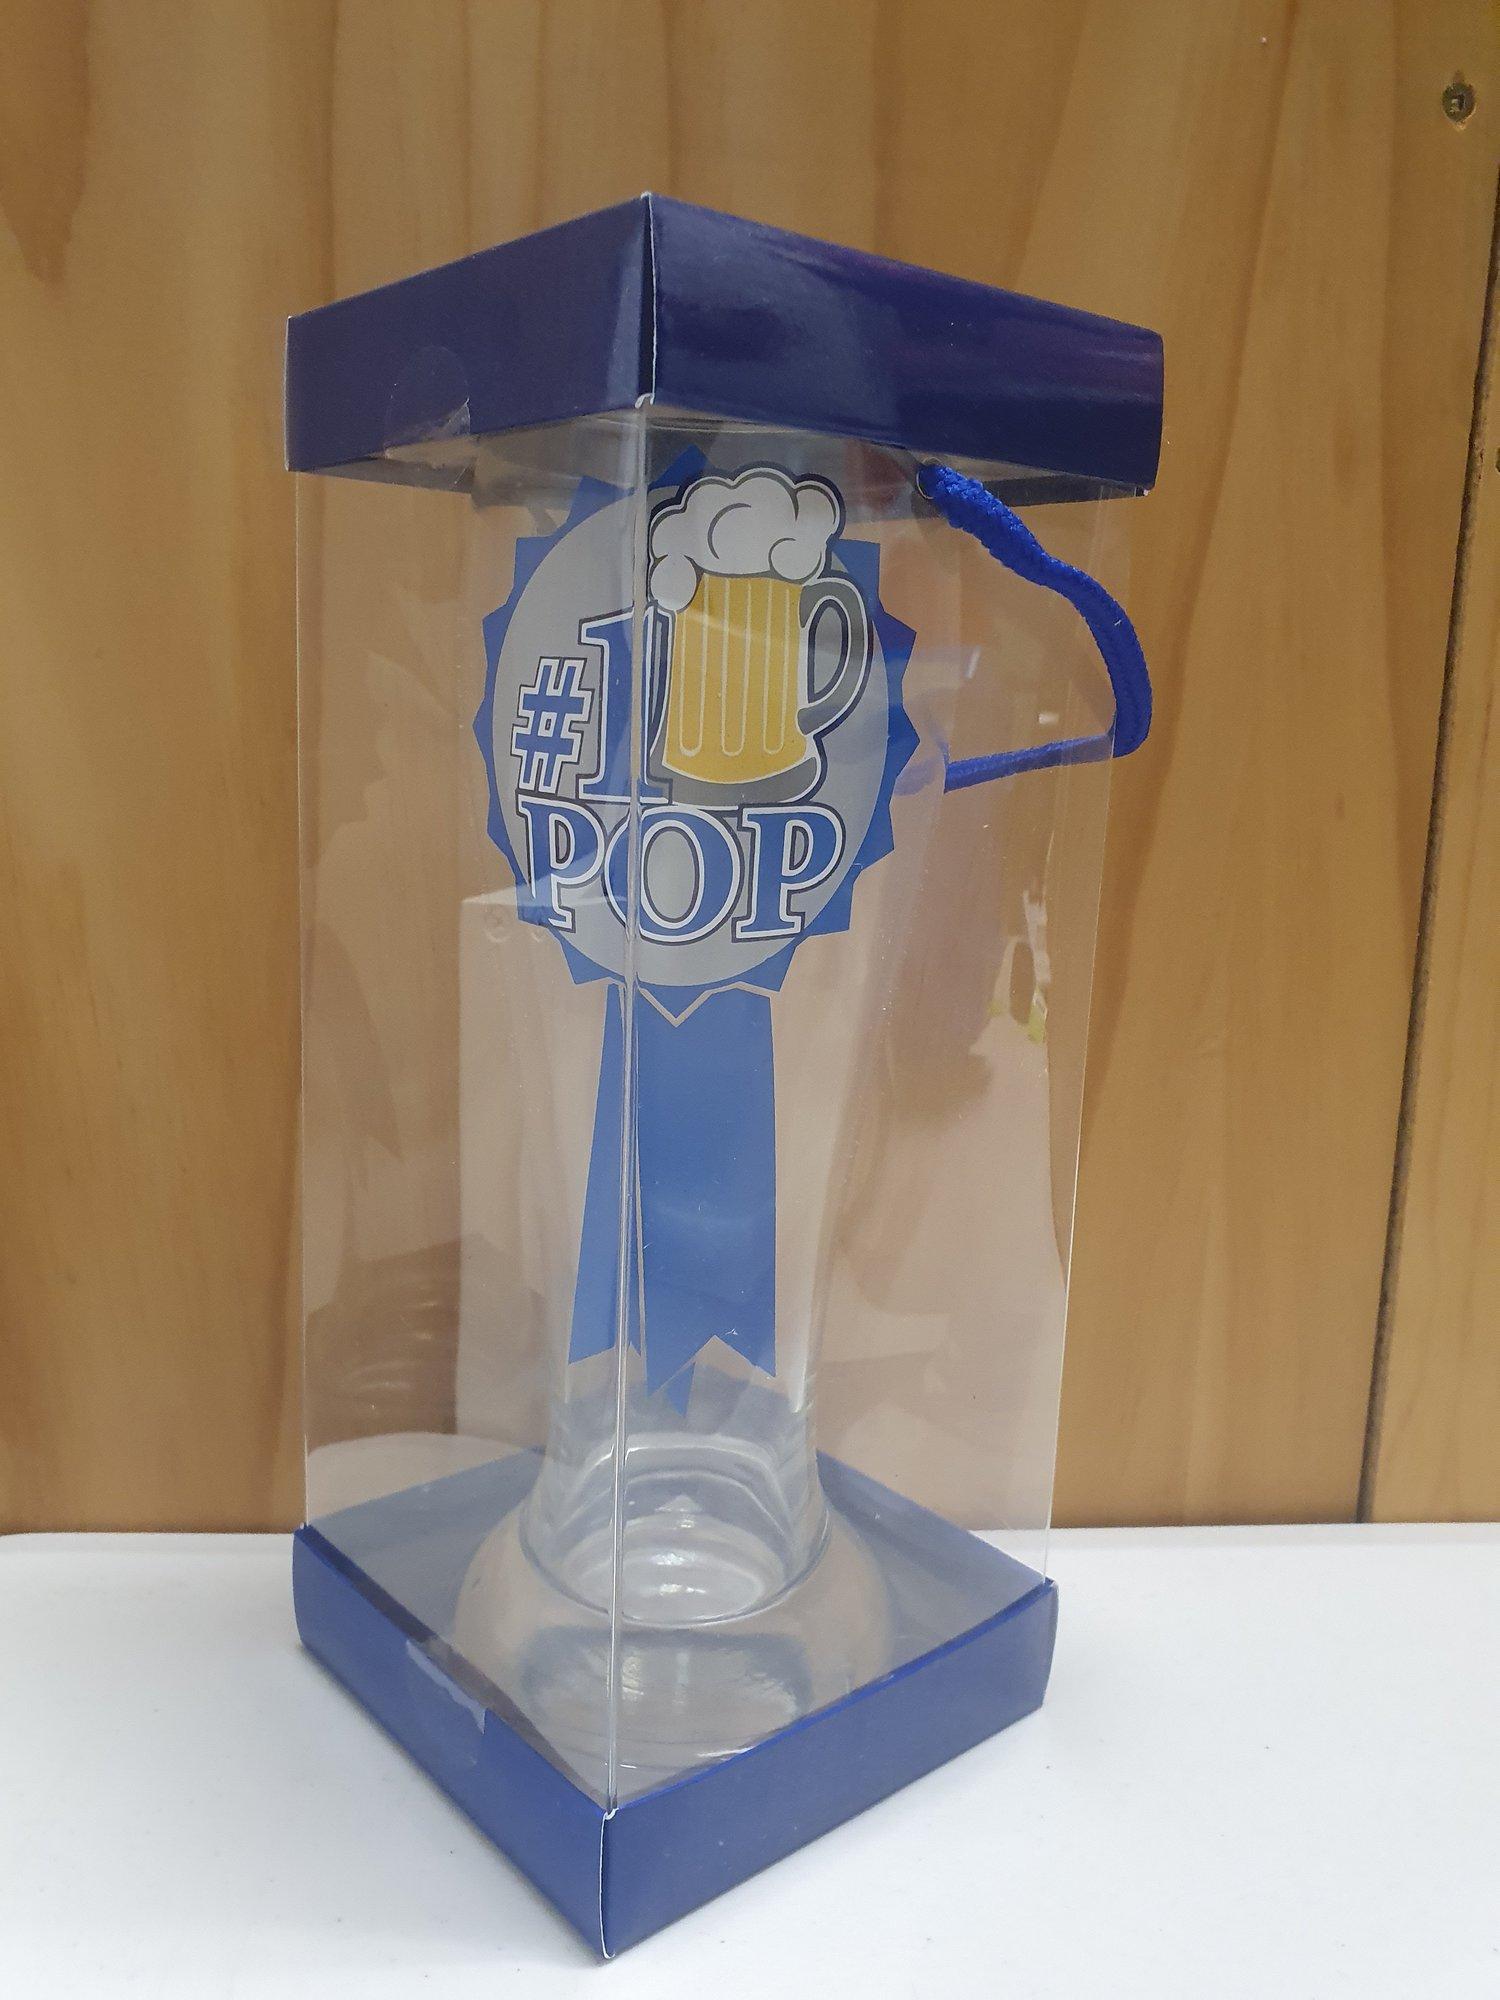 Image of Beer Glass #1 Pop